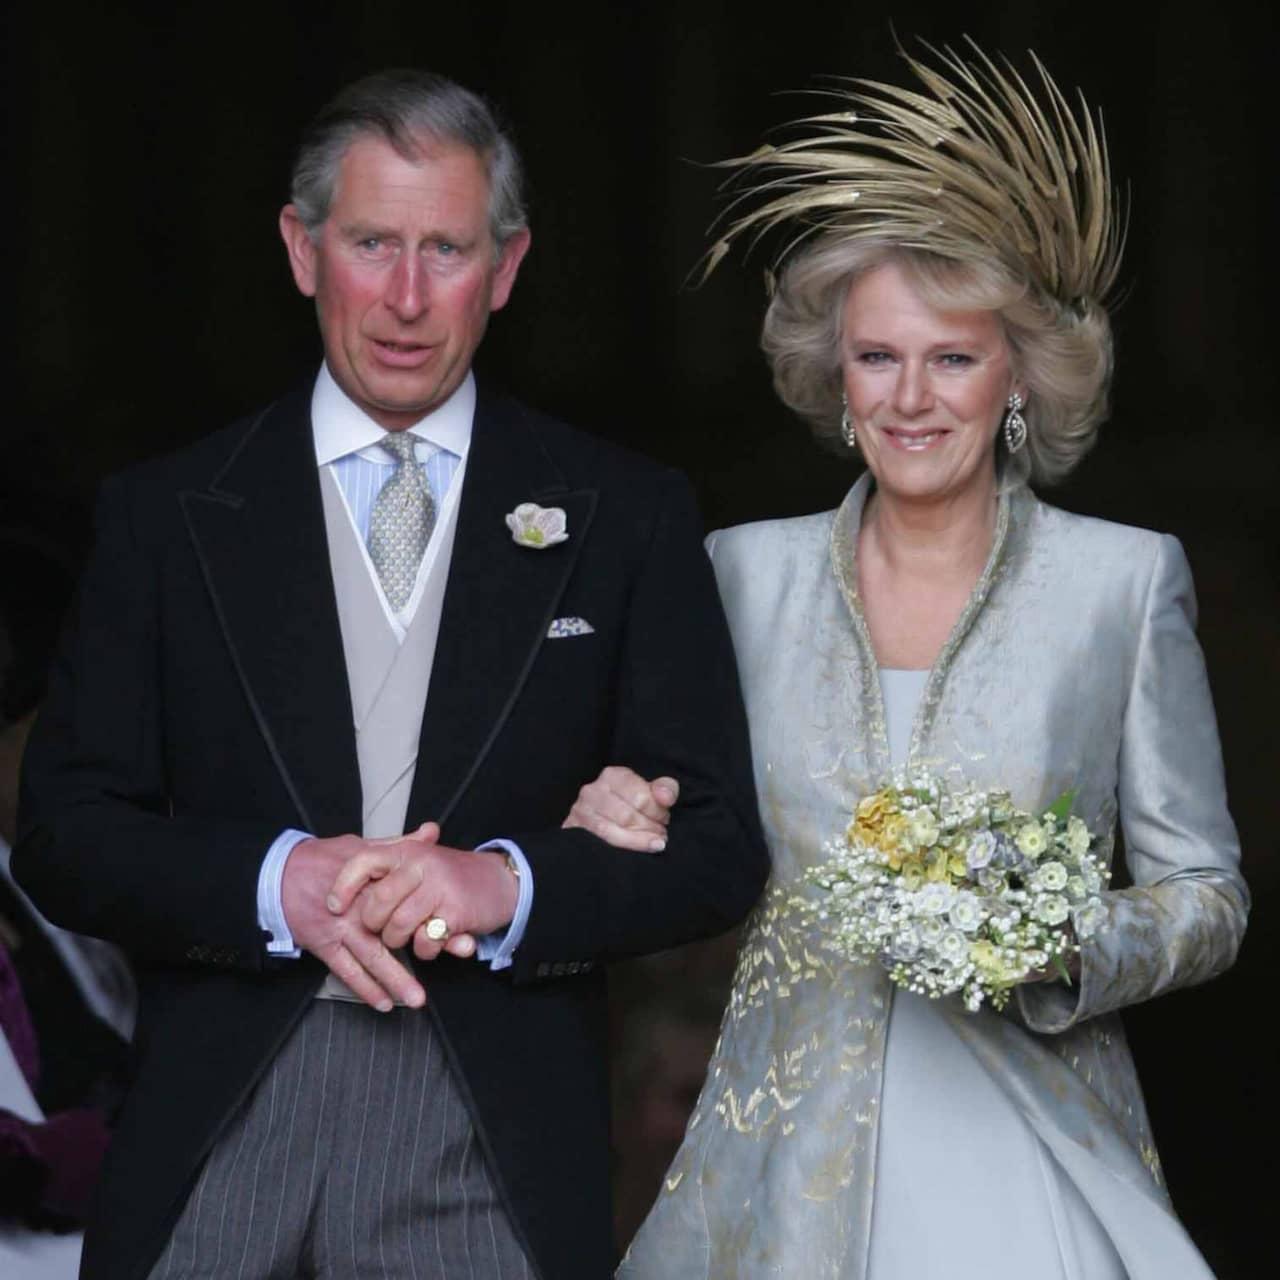 Charles gifter om sig med sitt livs kärlek